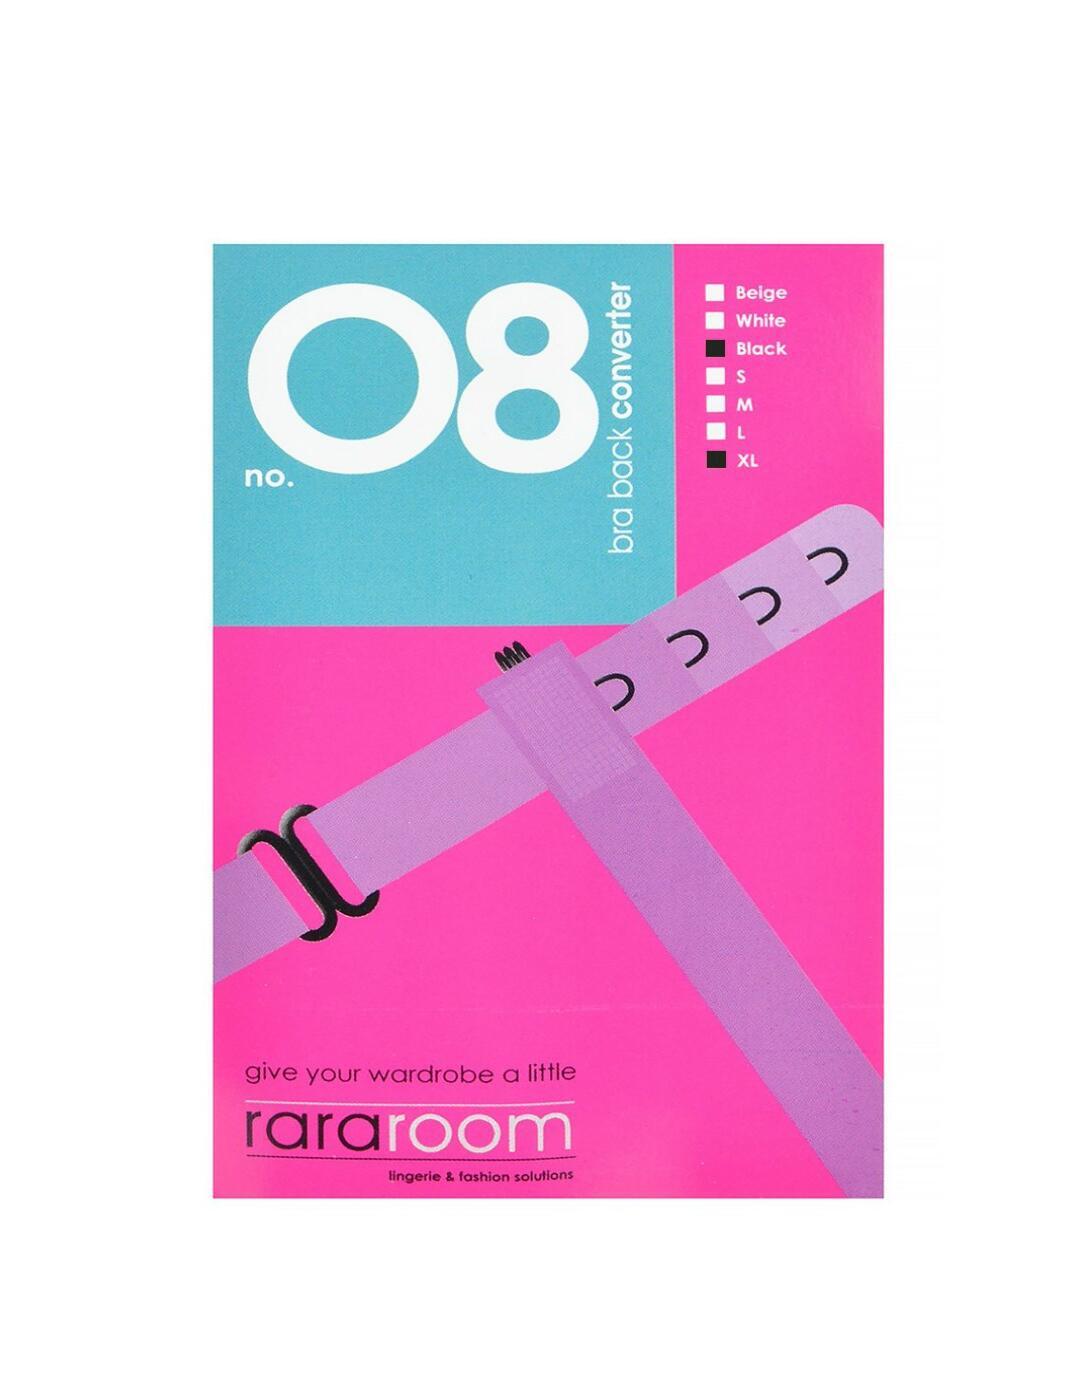 10096508 Rararoom No. 8 Bra Back Converter - 10096508 Black